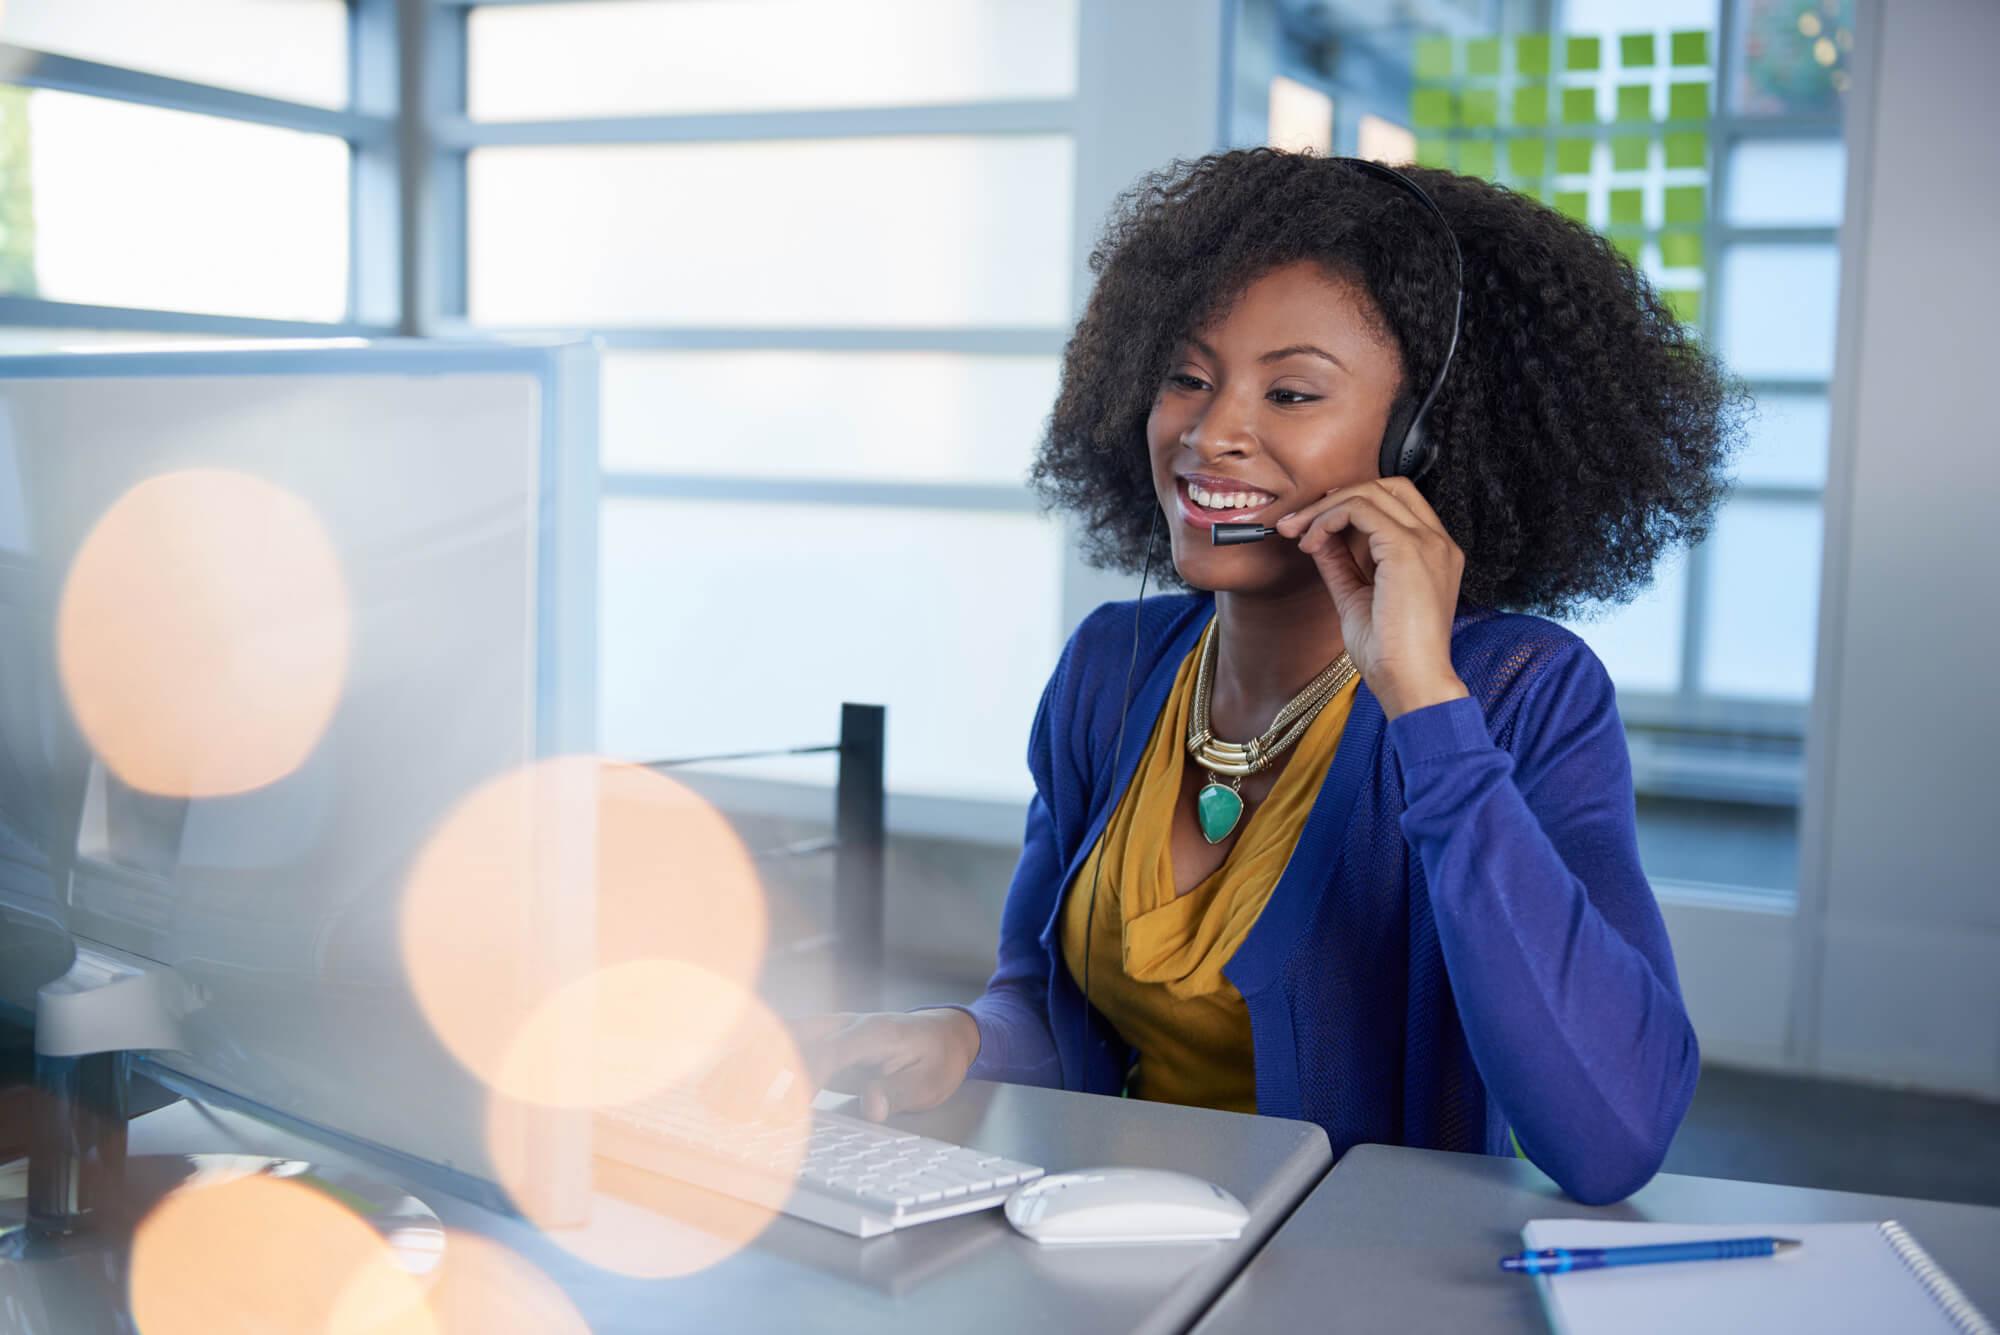 Saiba quais são as principais dificuldades ao prospectar clientes